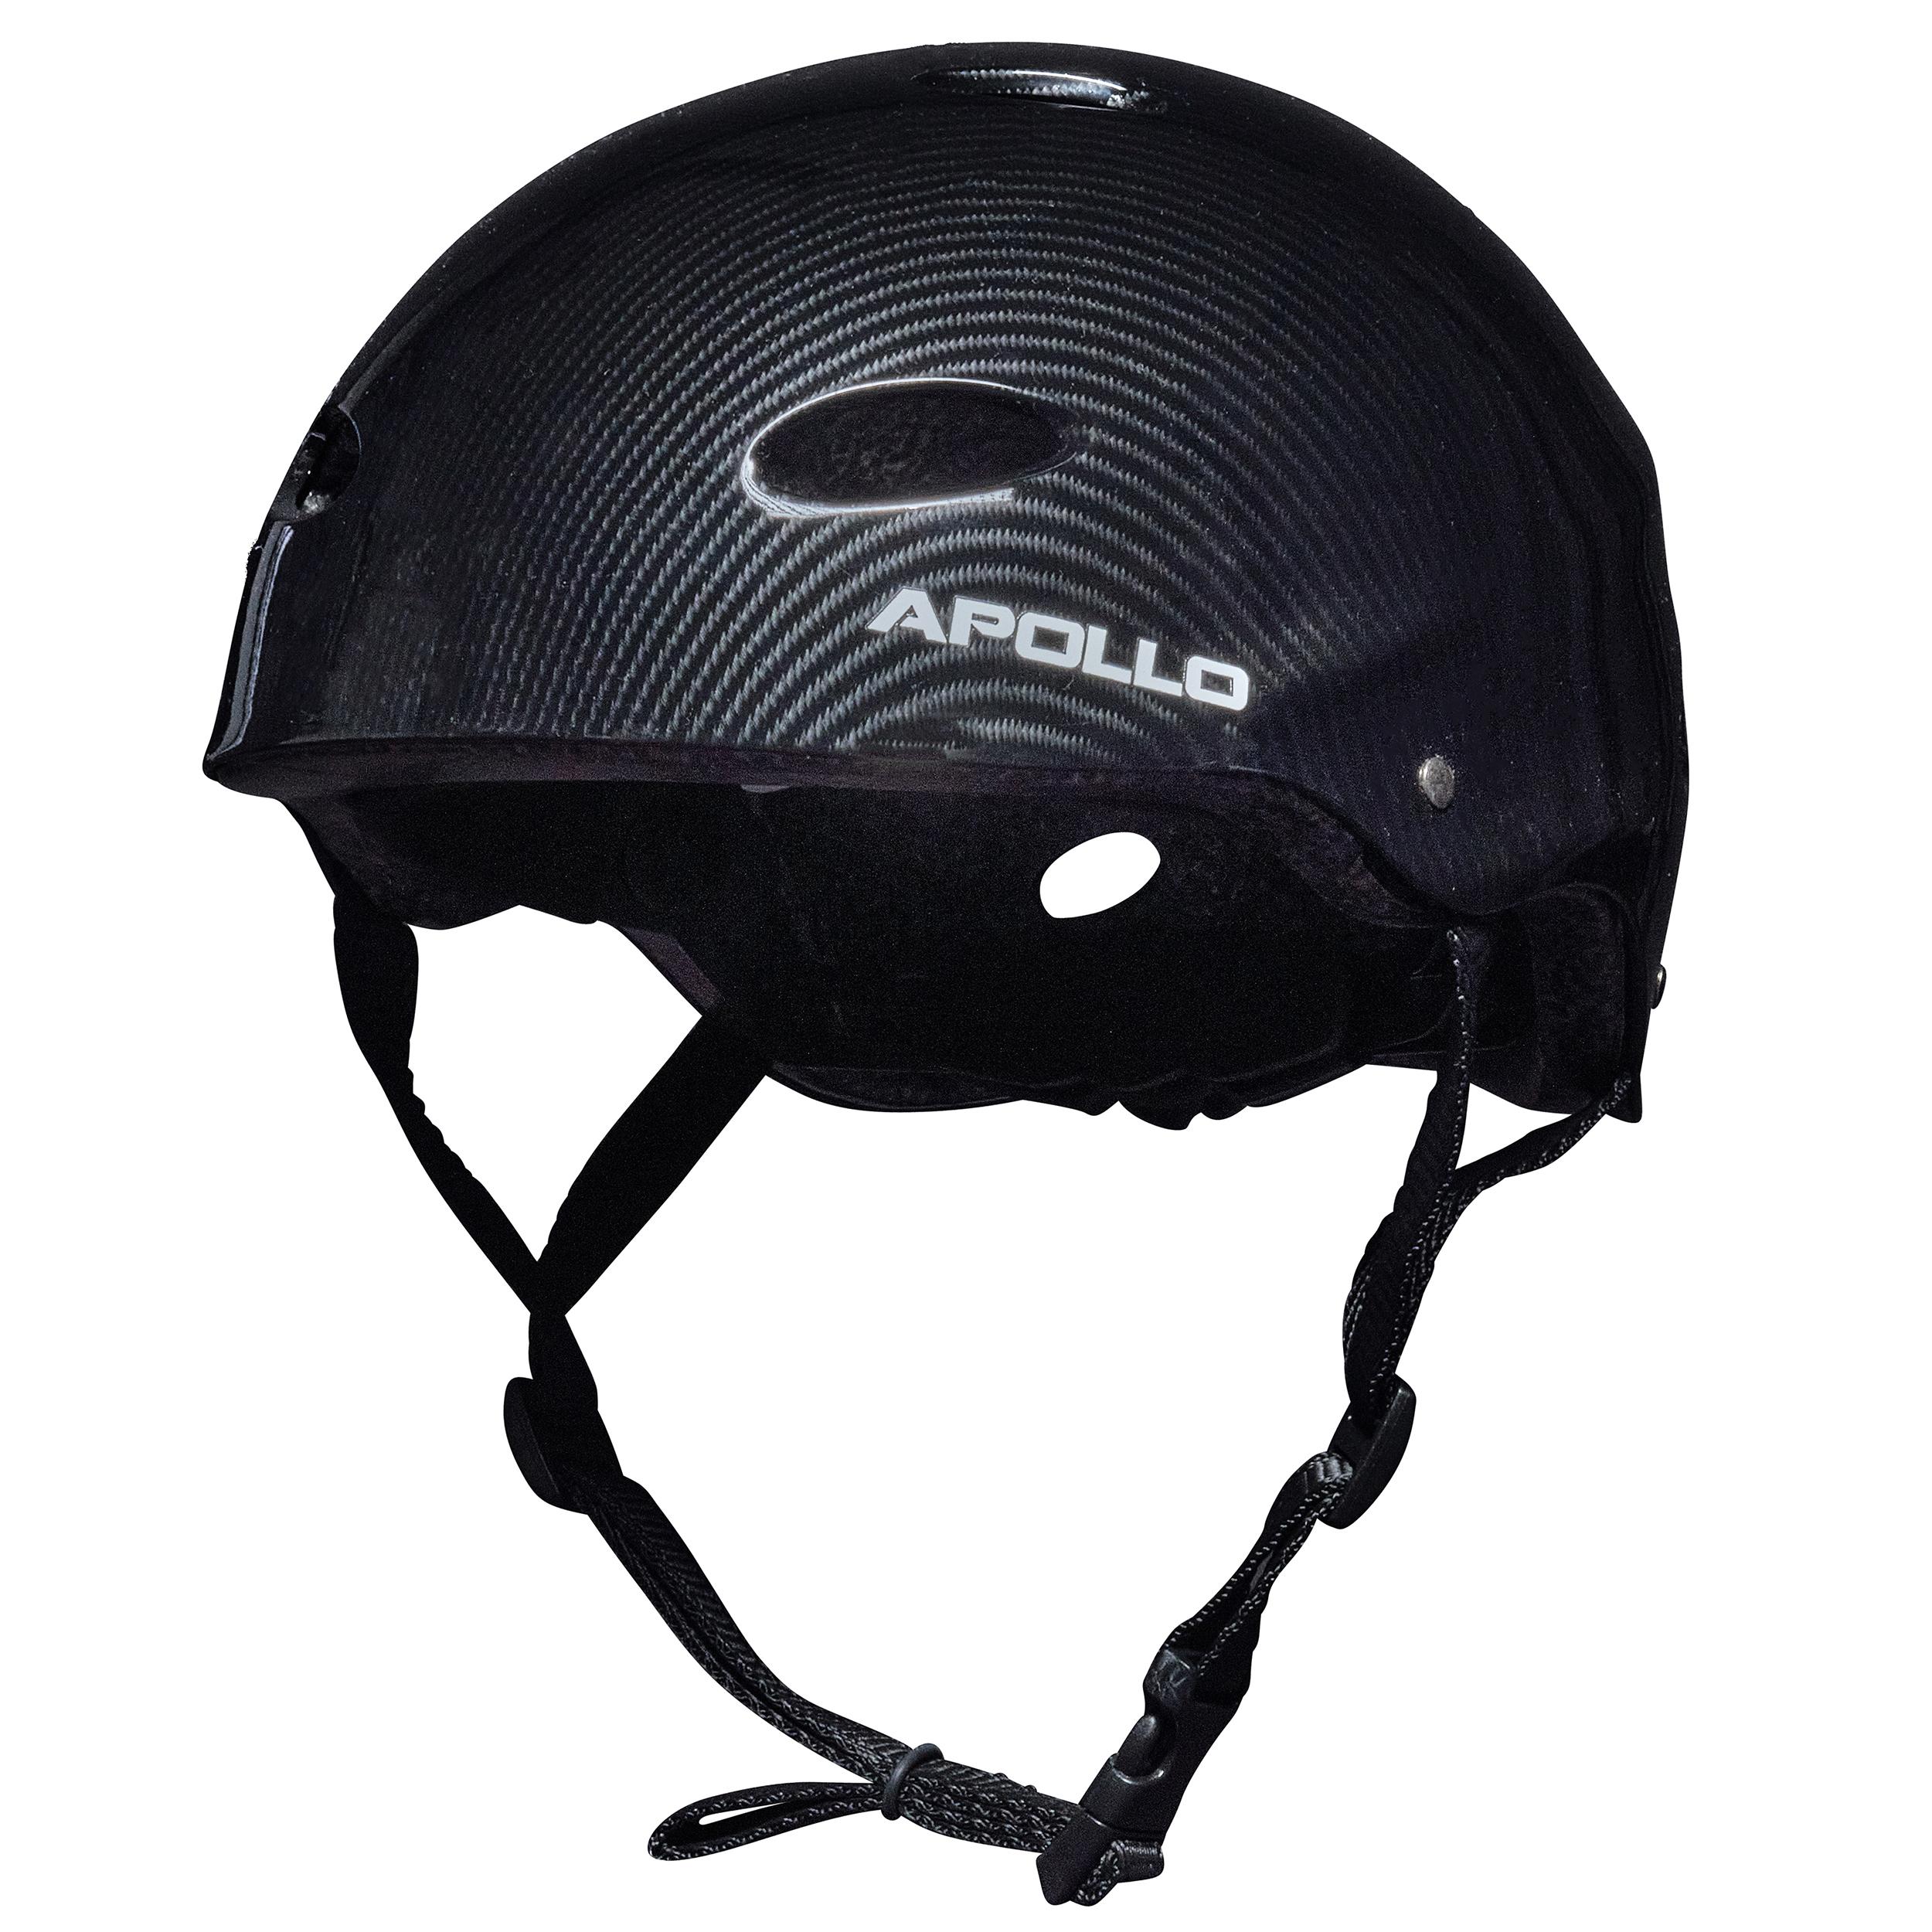 """Apollo Skate-Helm -""""Dark Carbon"""" Größe S/M verstellbar (48-55 cm)"""